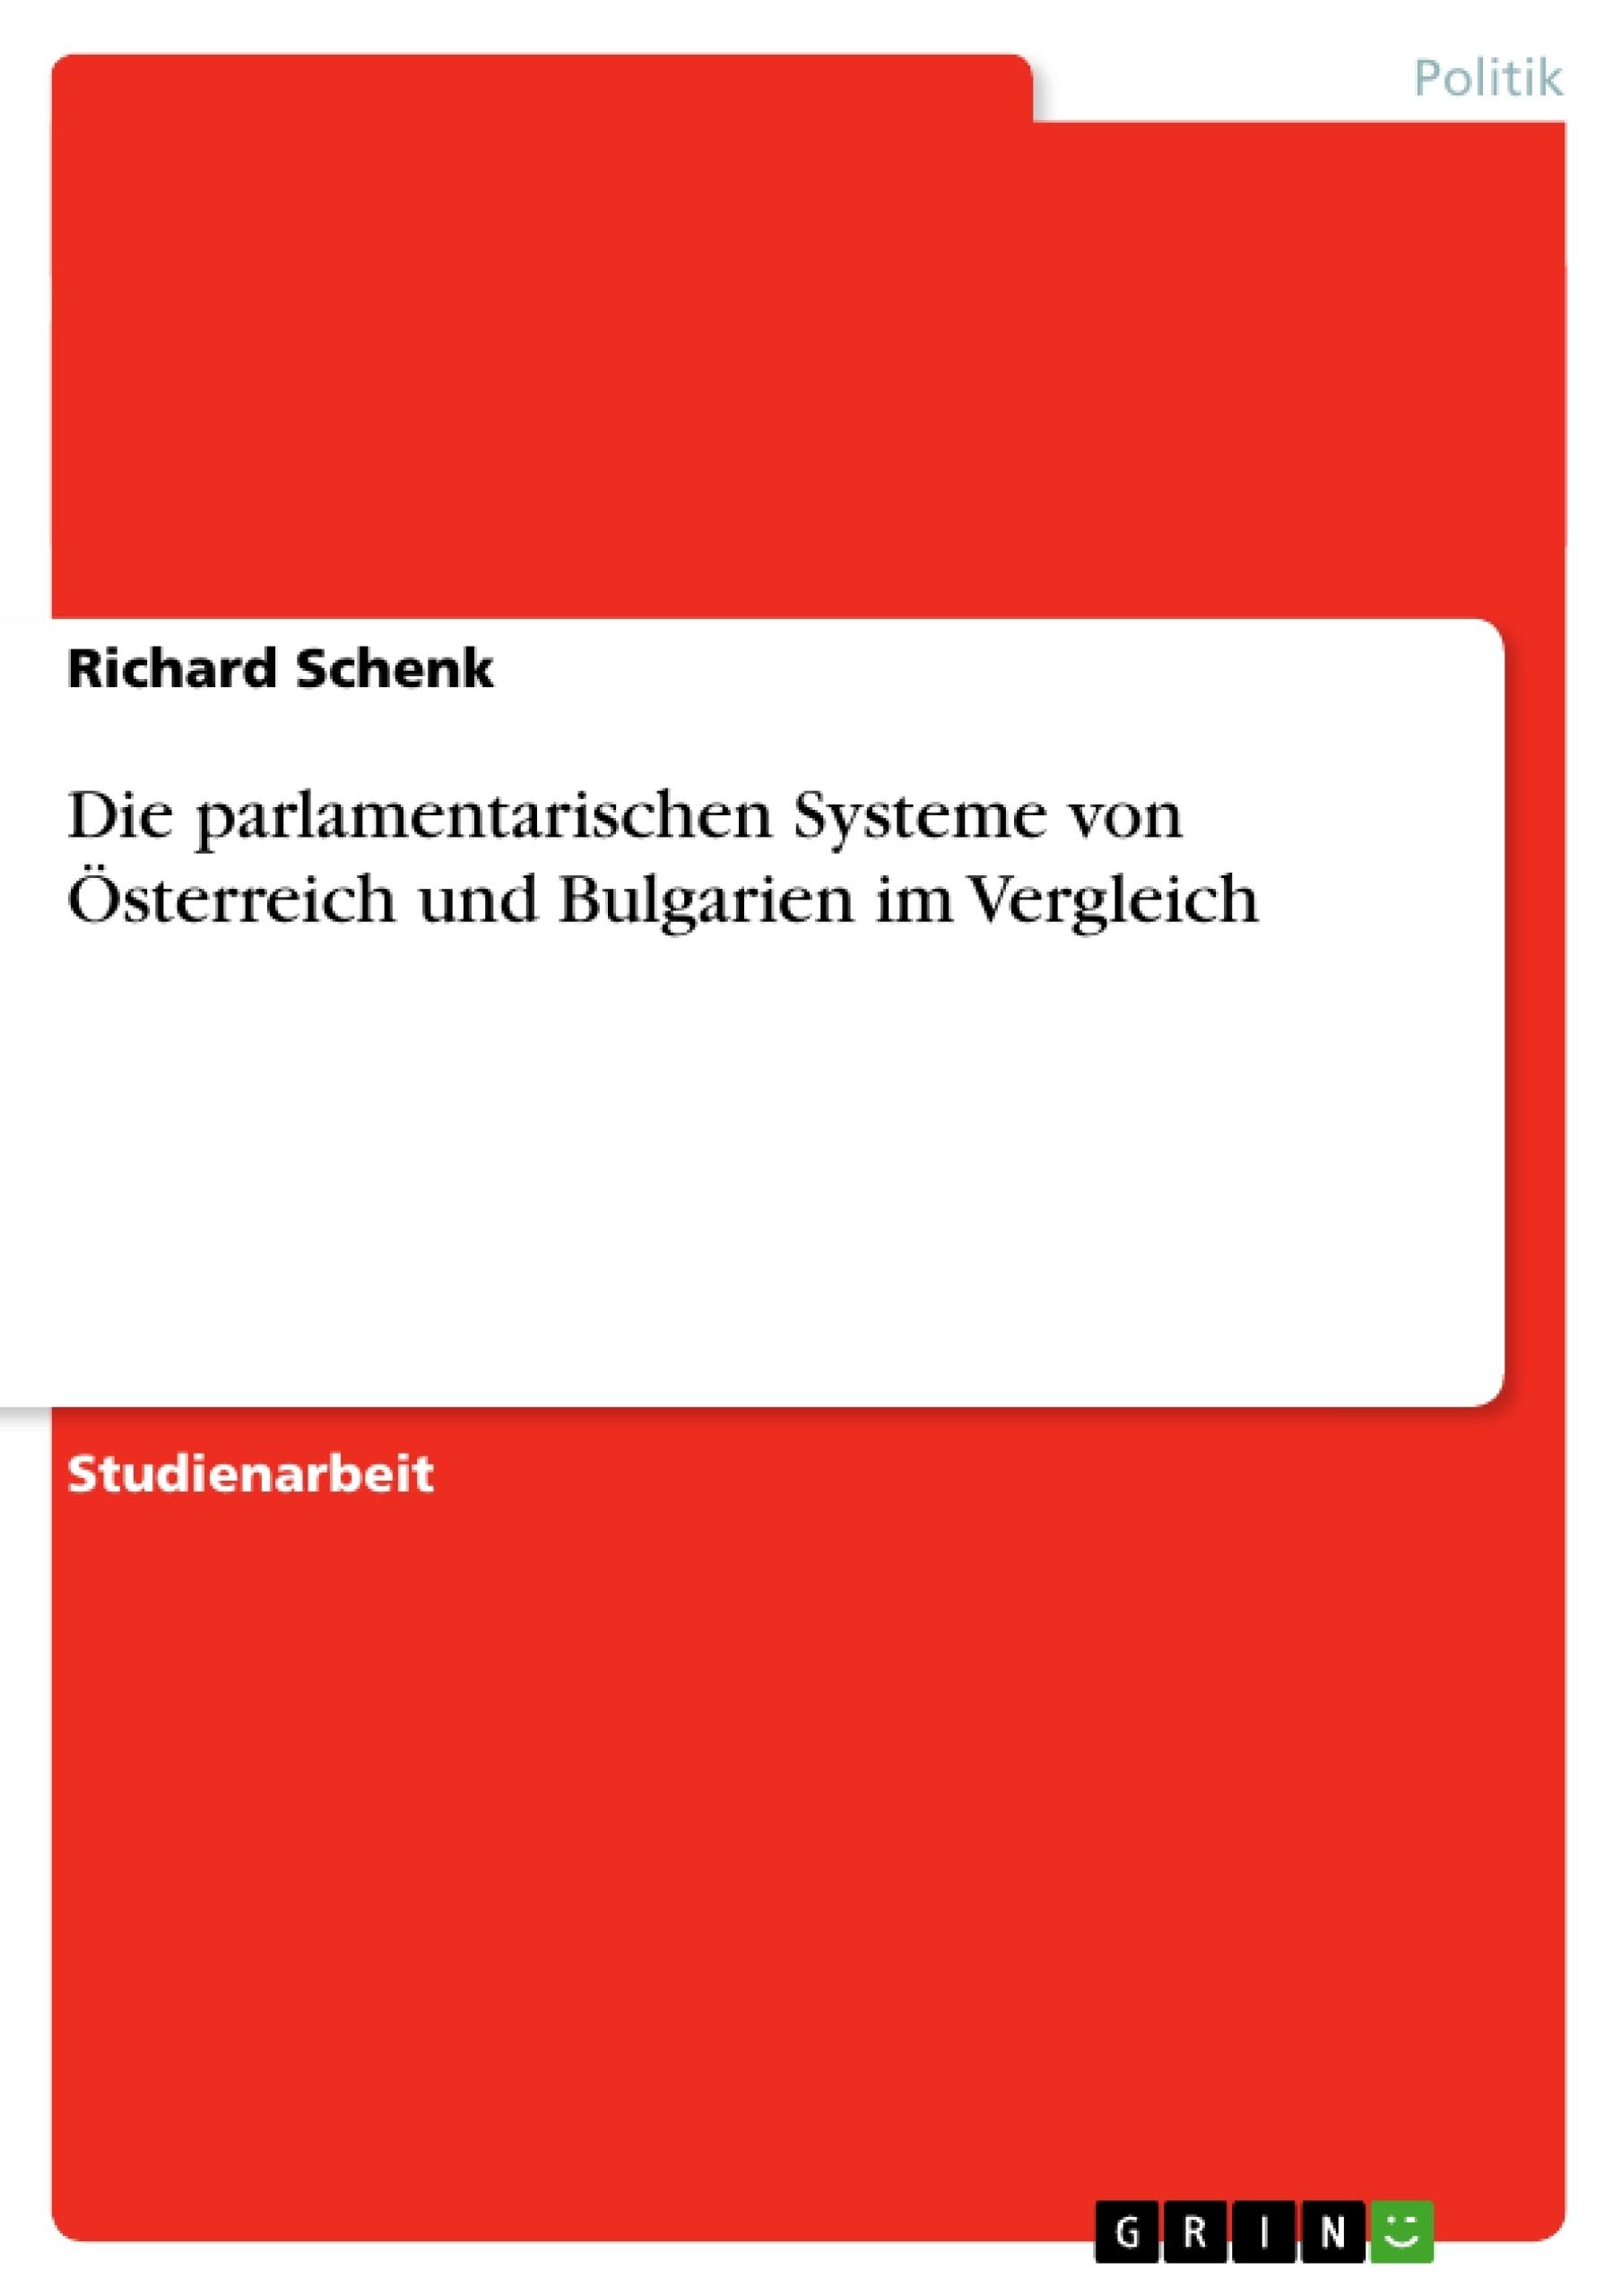 Titel: Die parlamentarischen Systeme von Österreich und Bulgarien im Vergleich